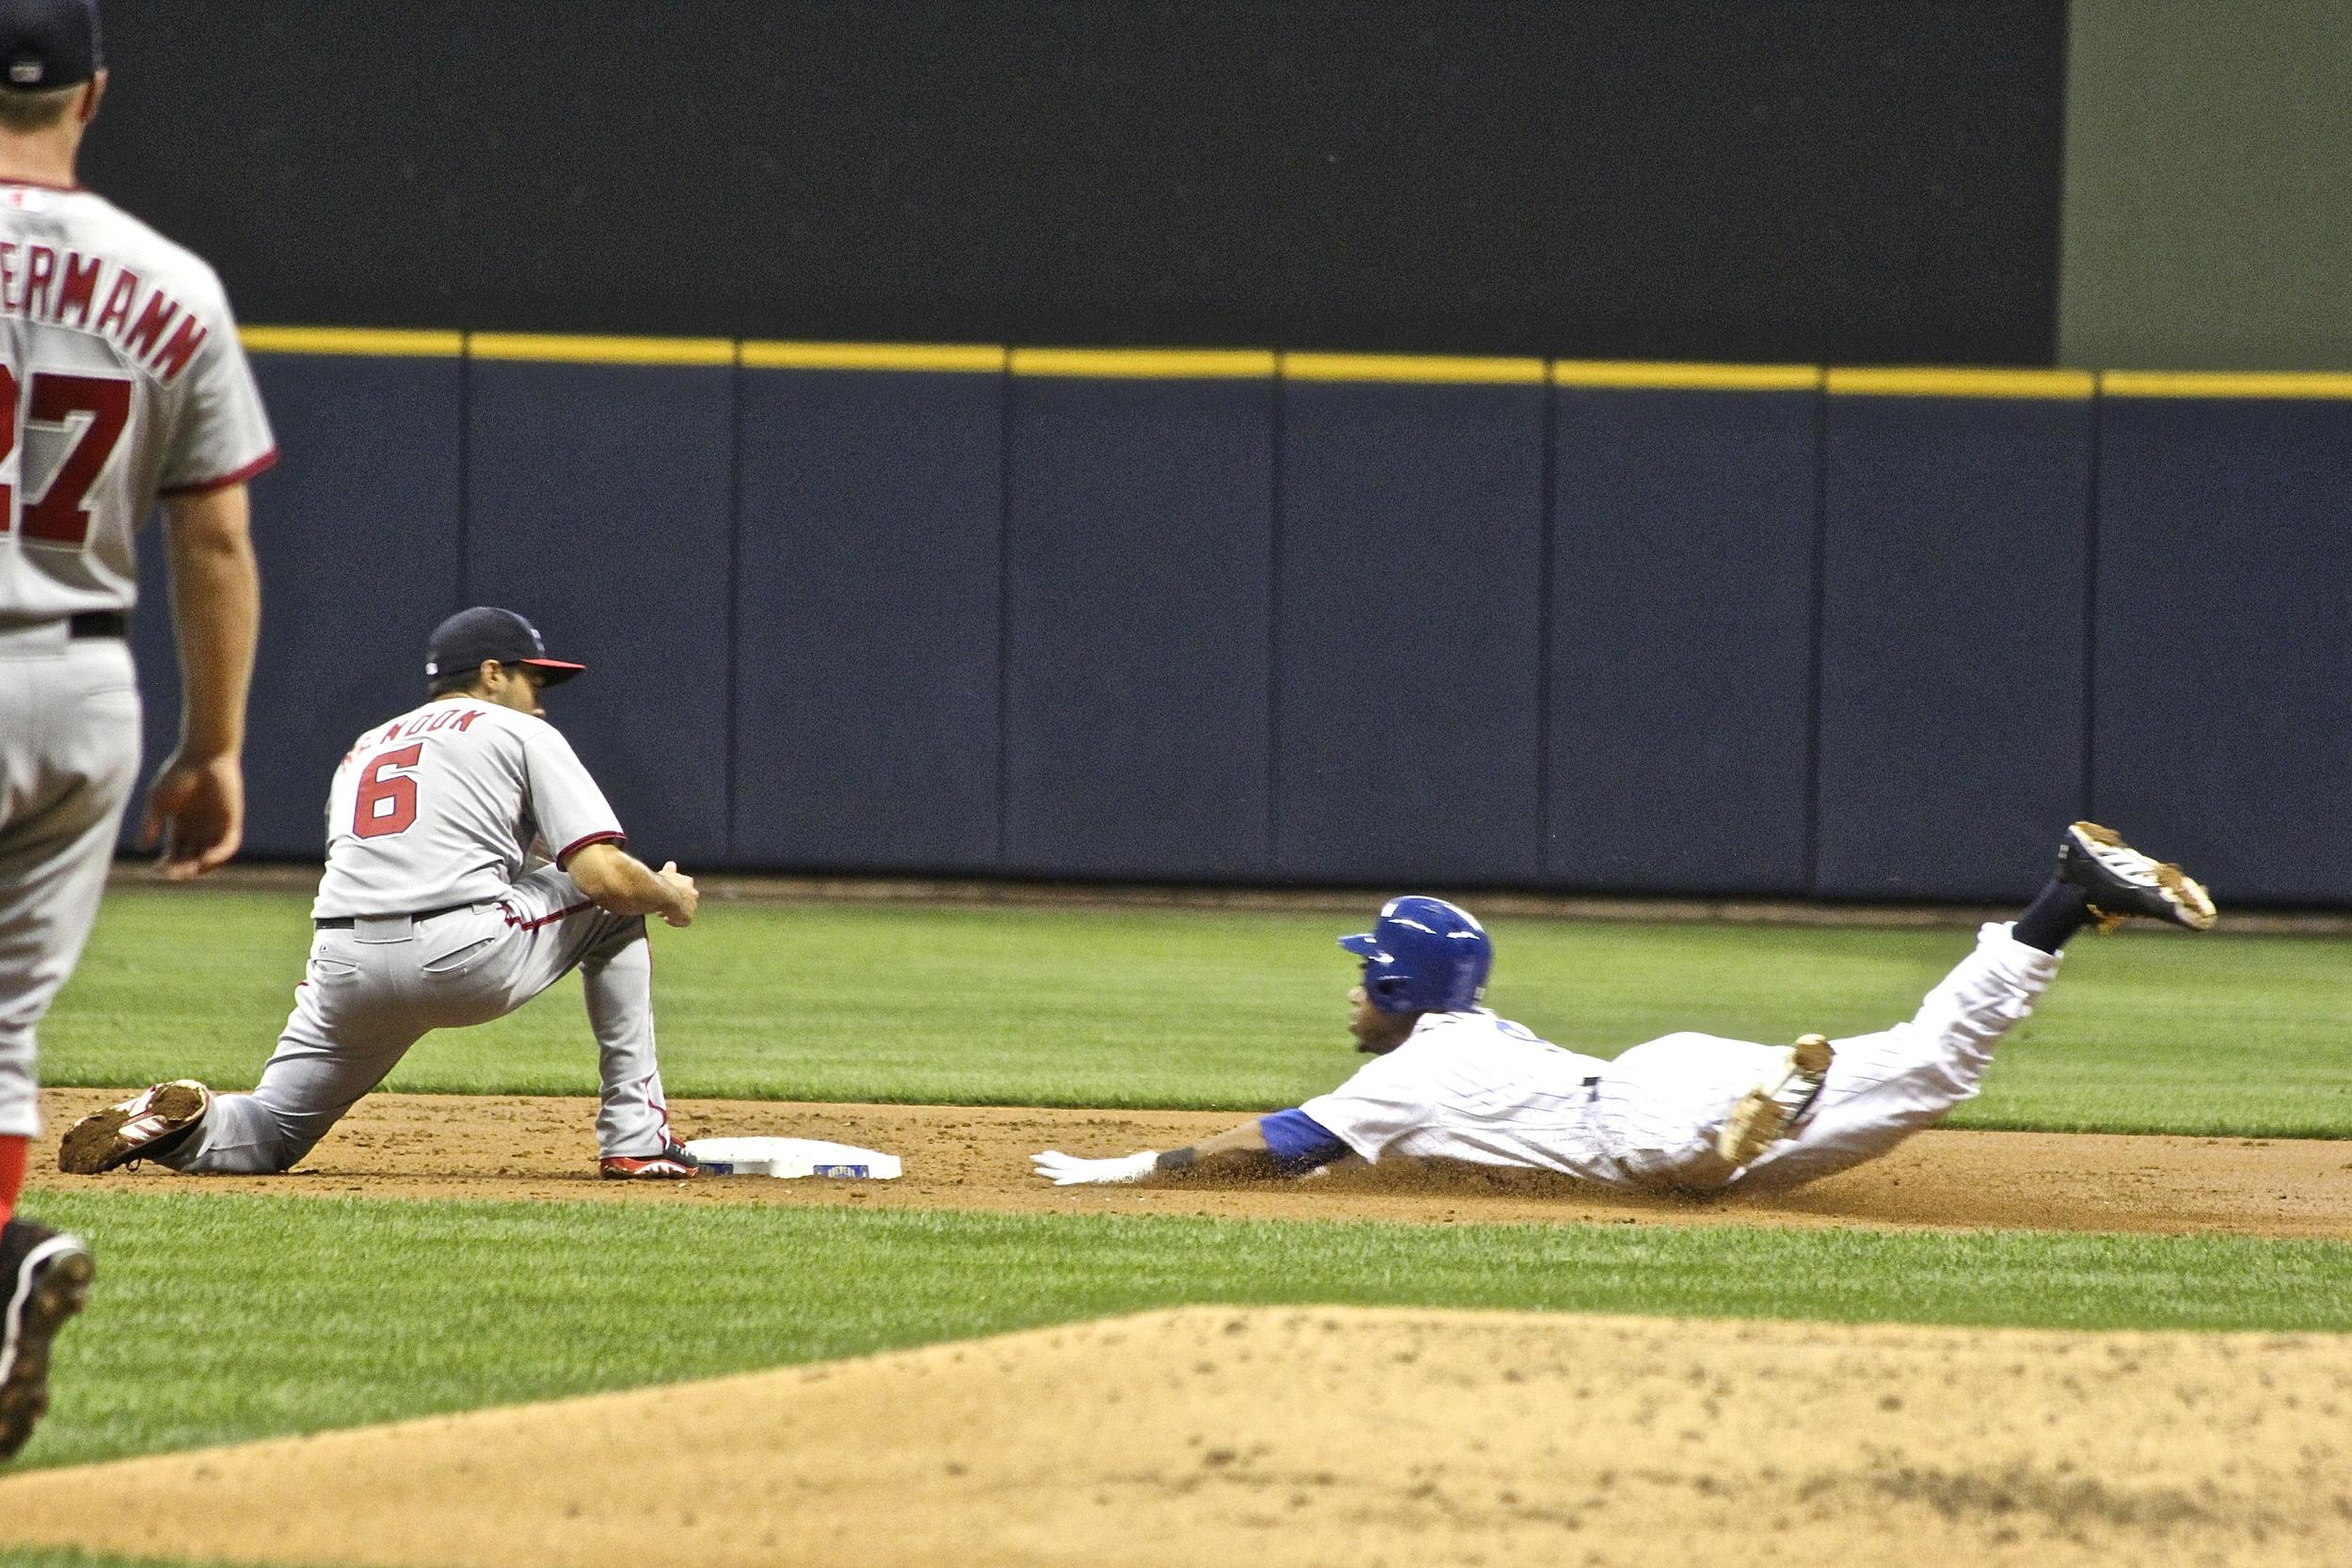 Jean Segura slides into second